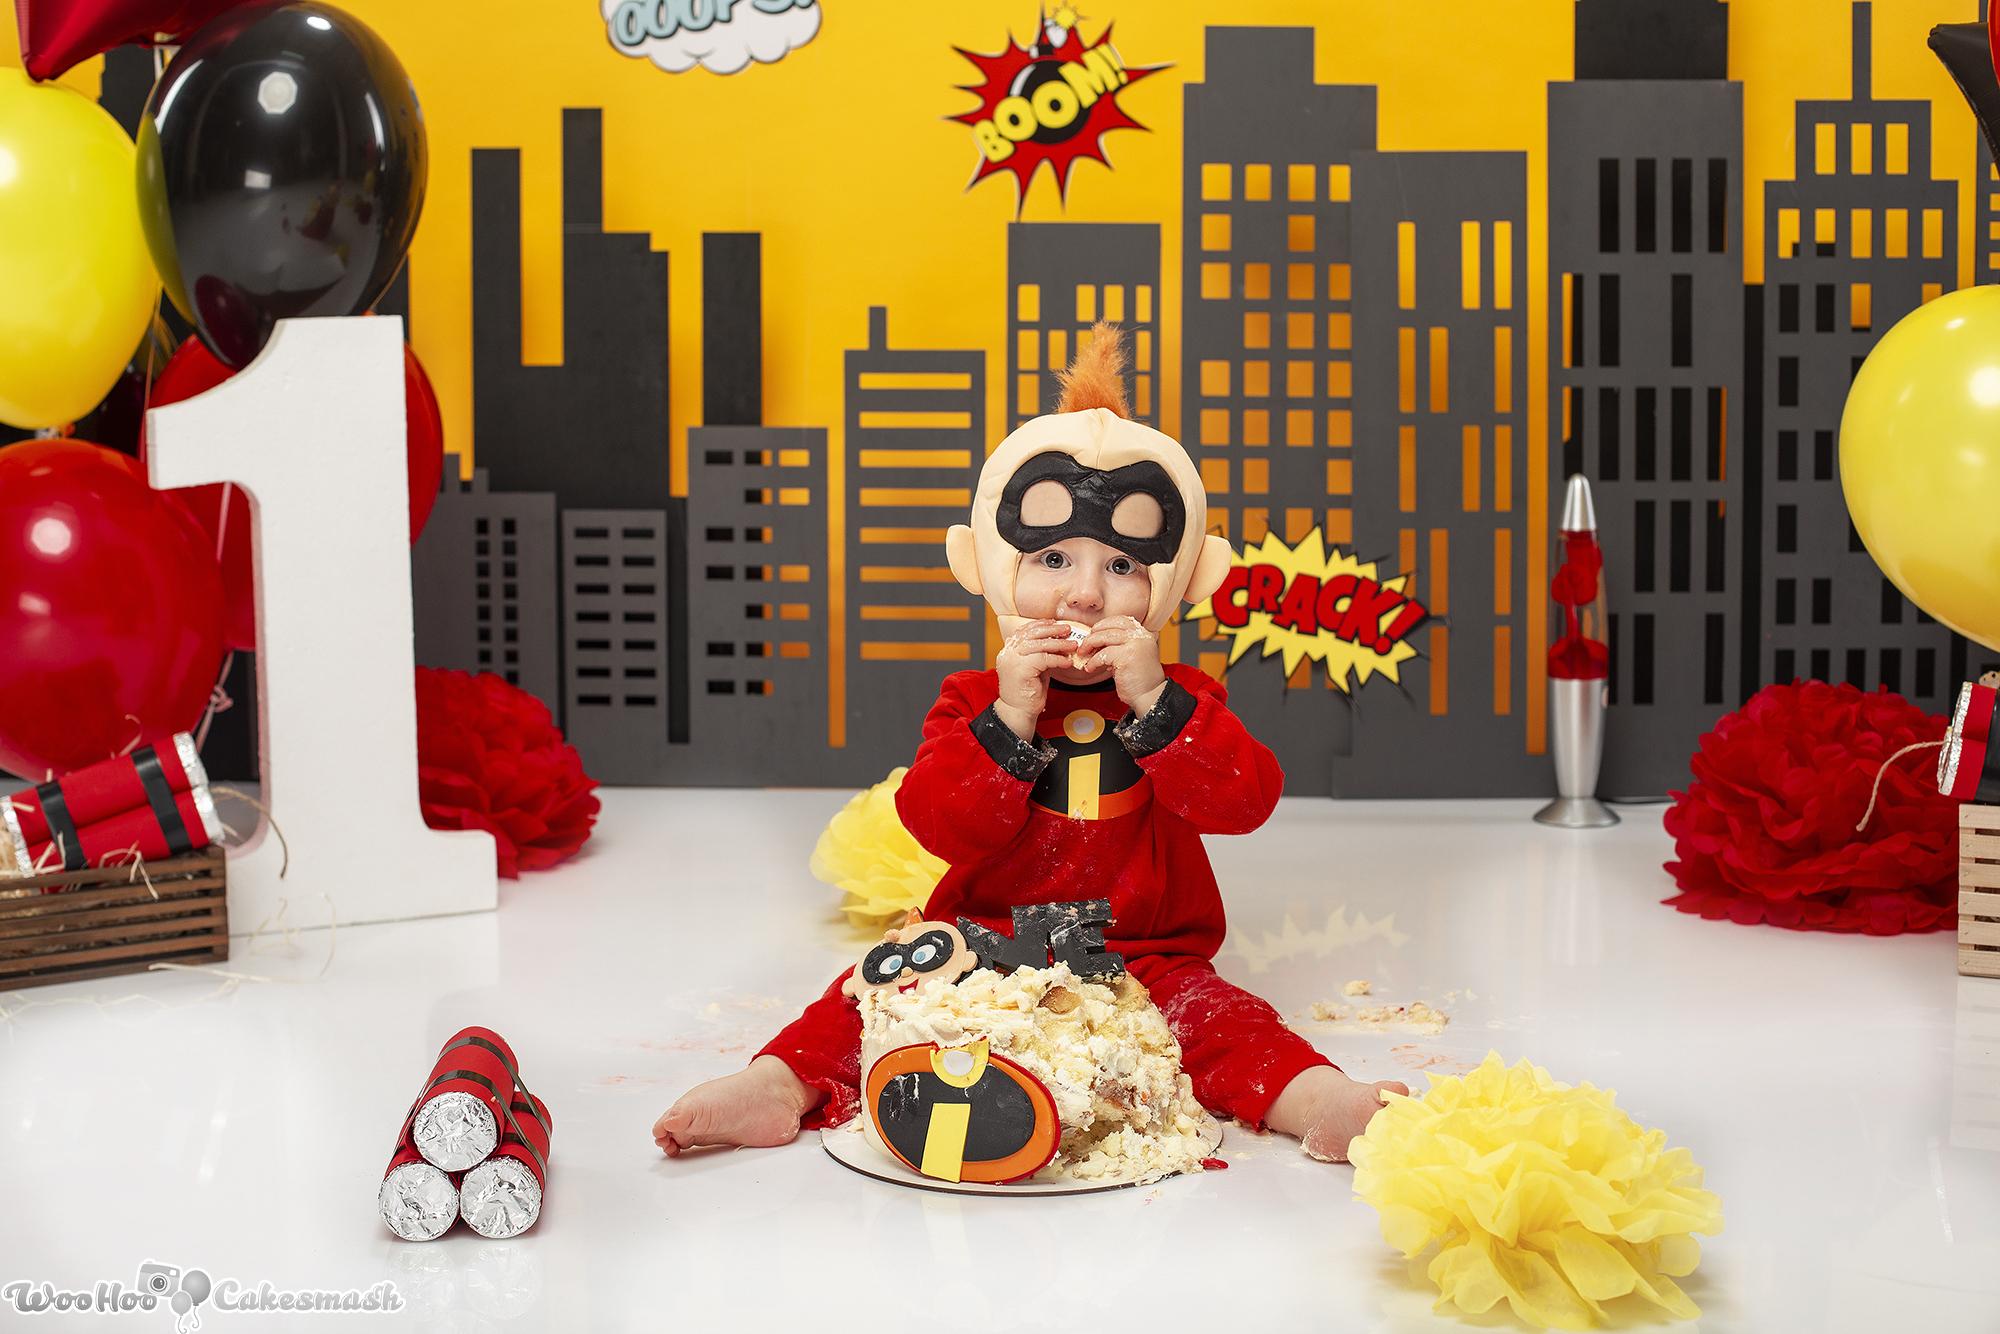 woohoo_cakesmash_The_Incredibles_10